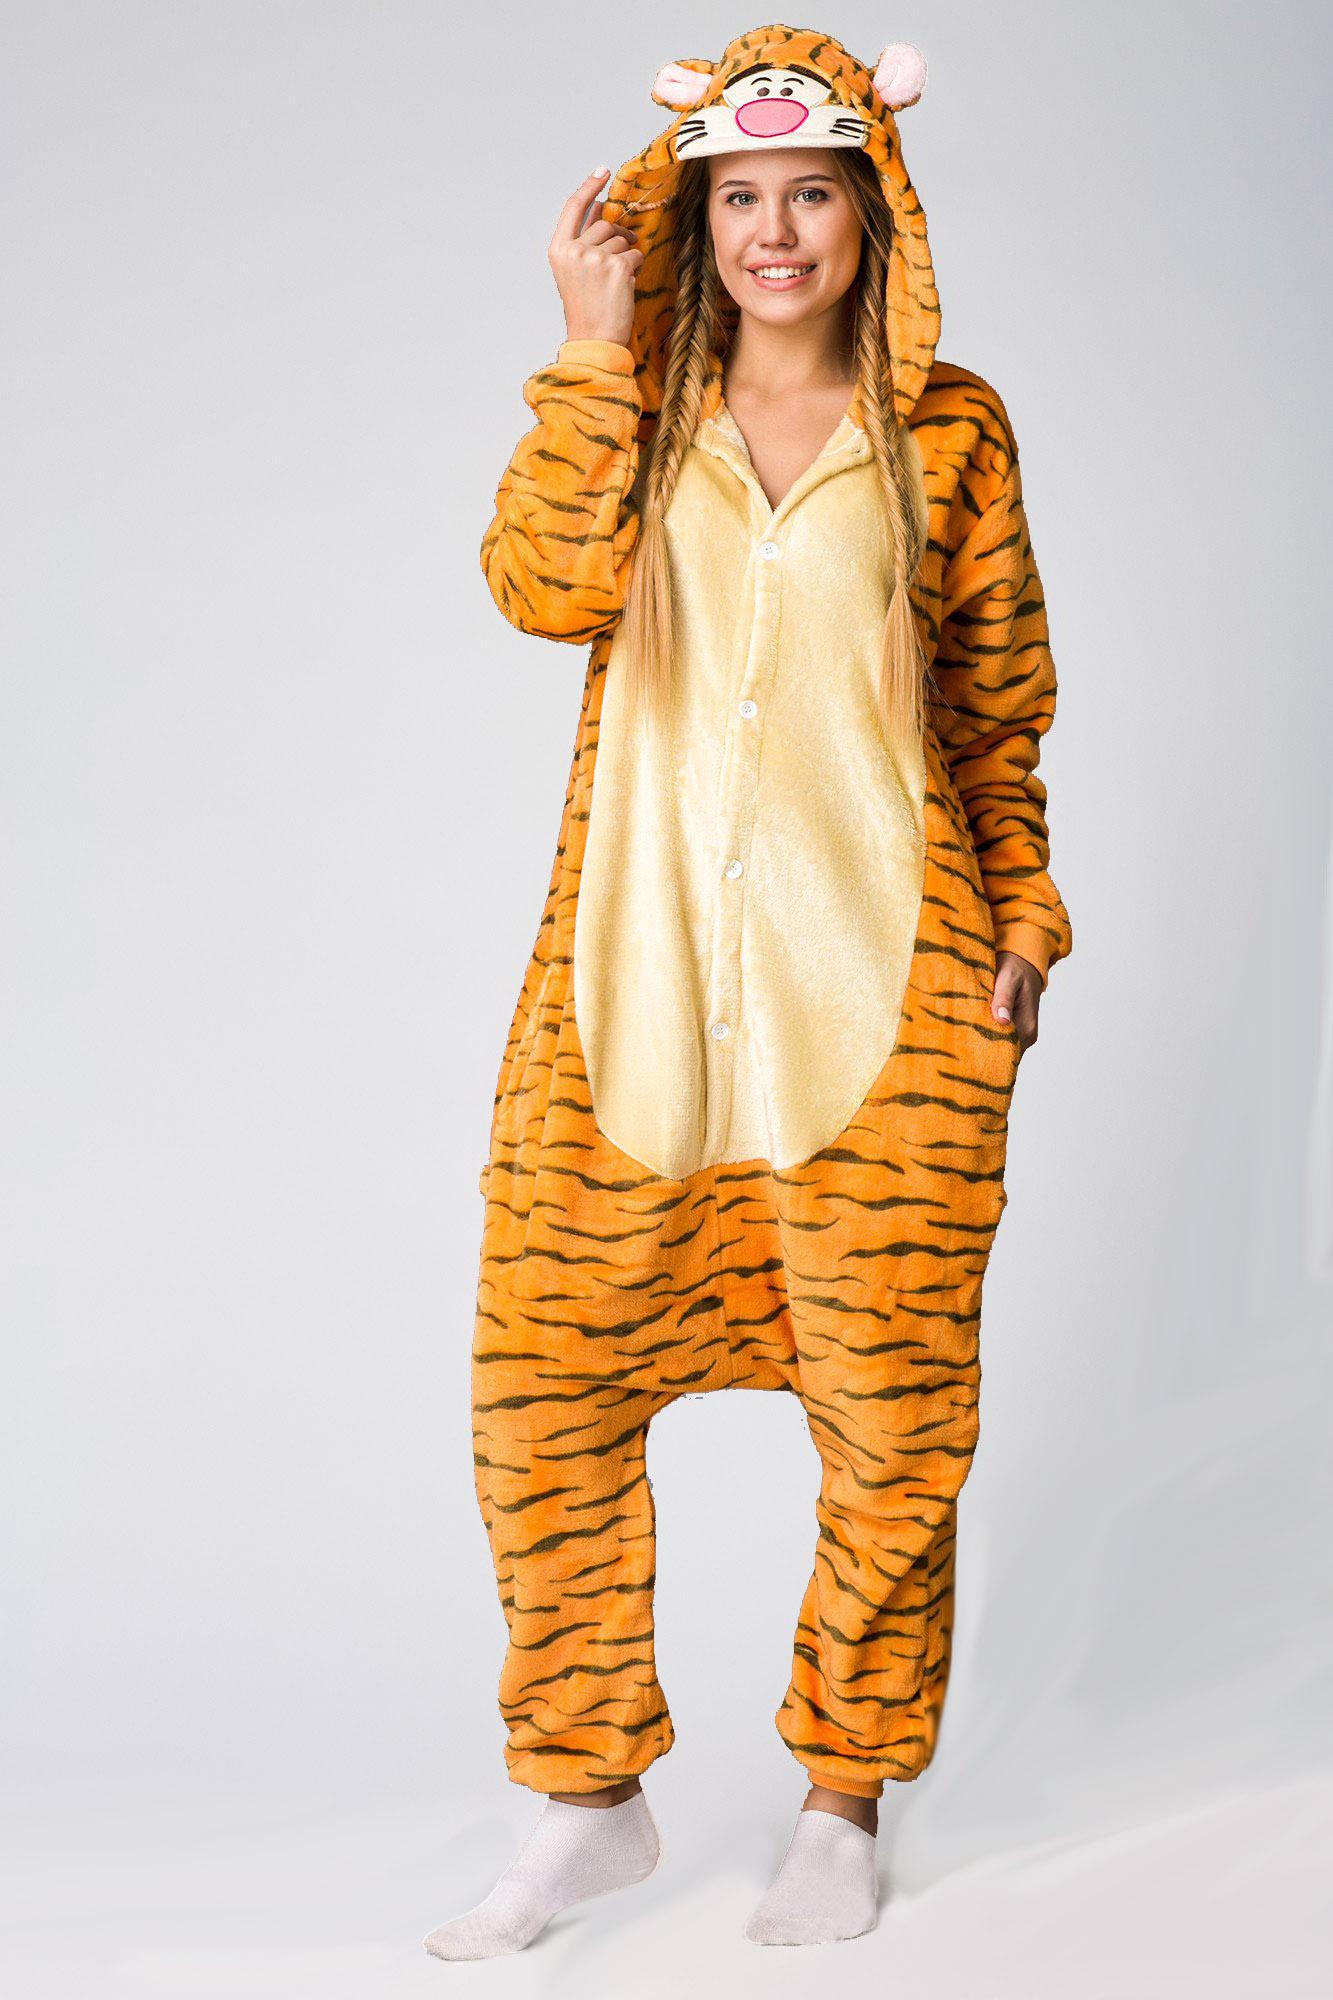 Тигр кигуруми пижама купить в СПБ